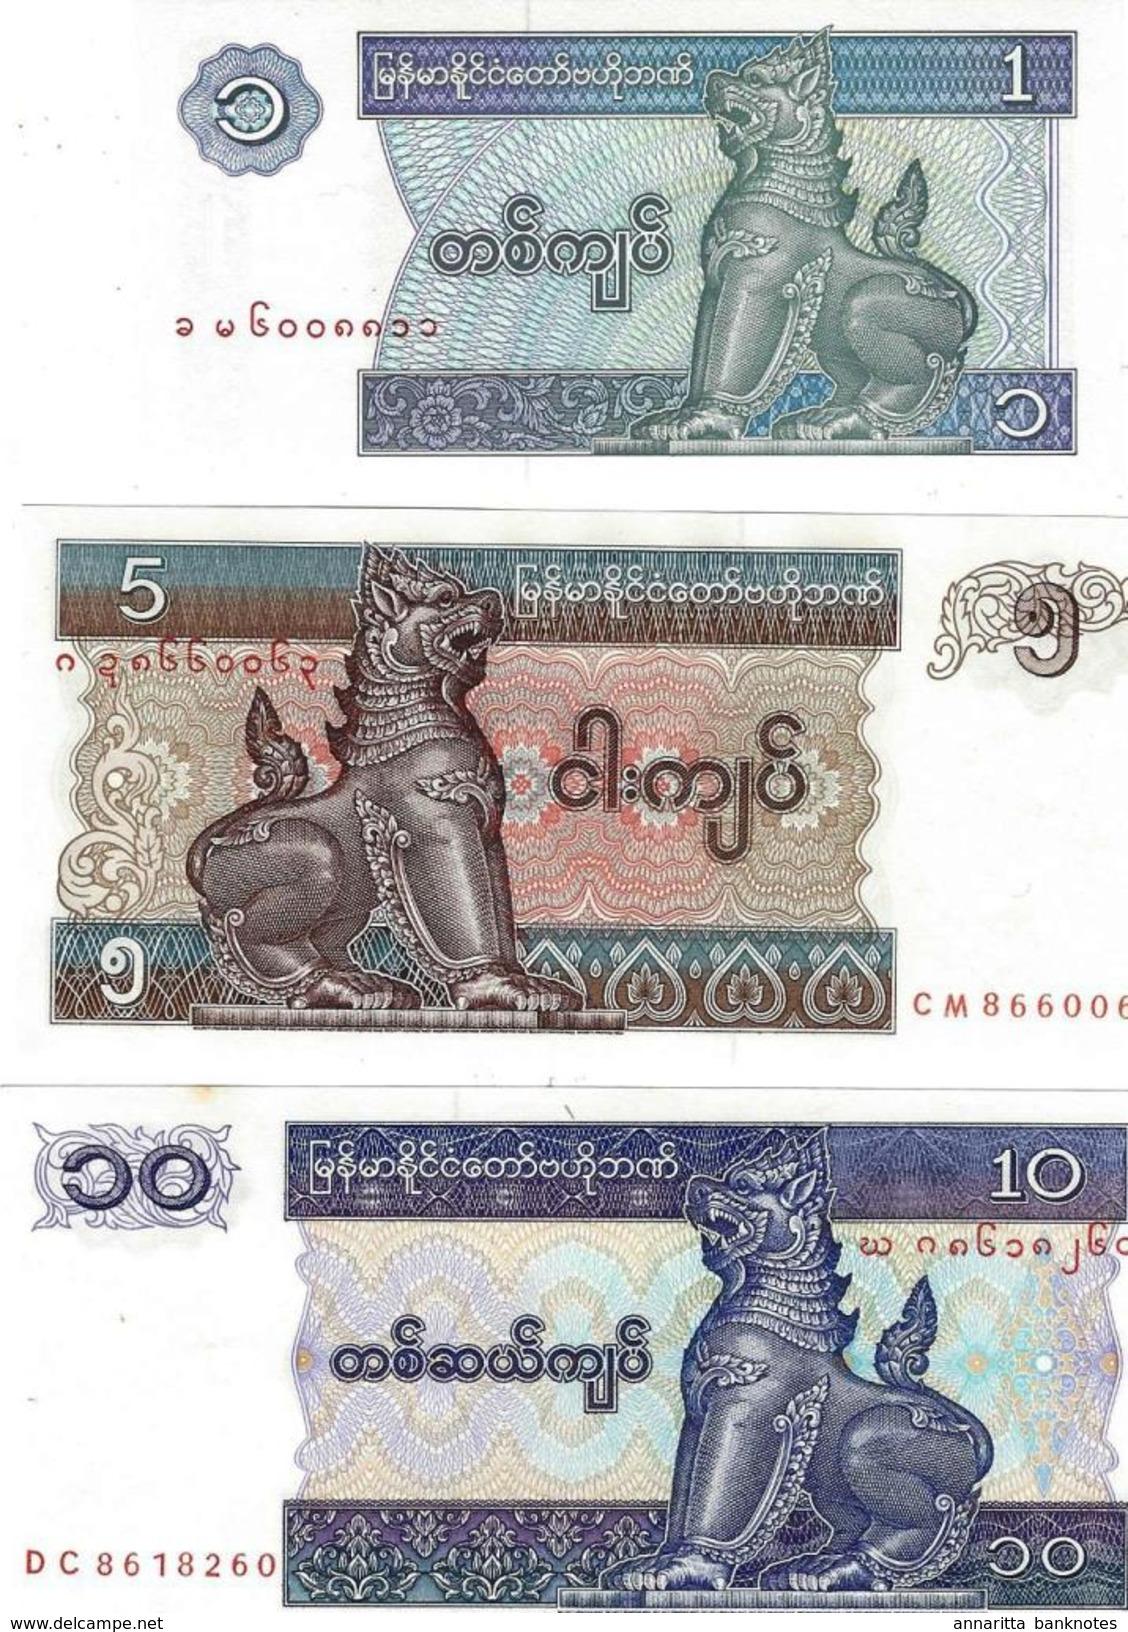 MYANMAR 1 5 10 KYAT ND (1995) P-69,70,71 UNC SET [MM103a-105a] - Myanmar